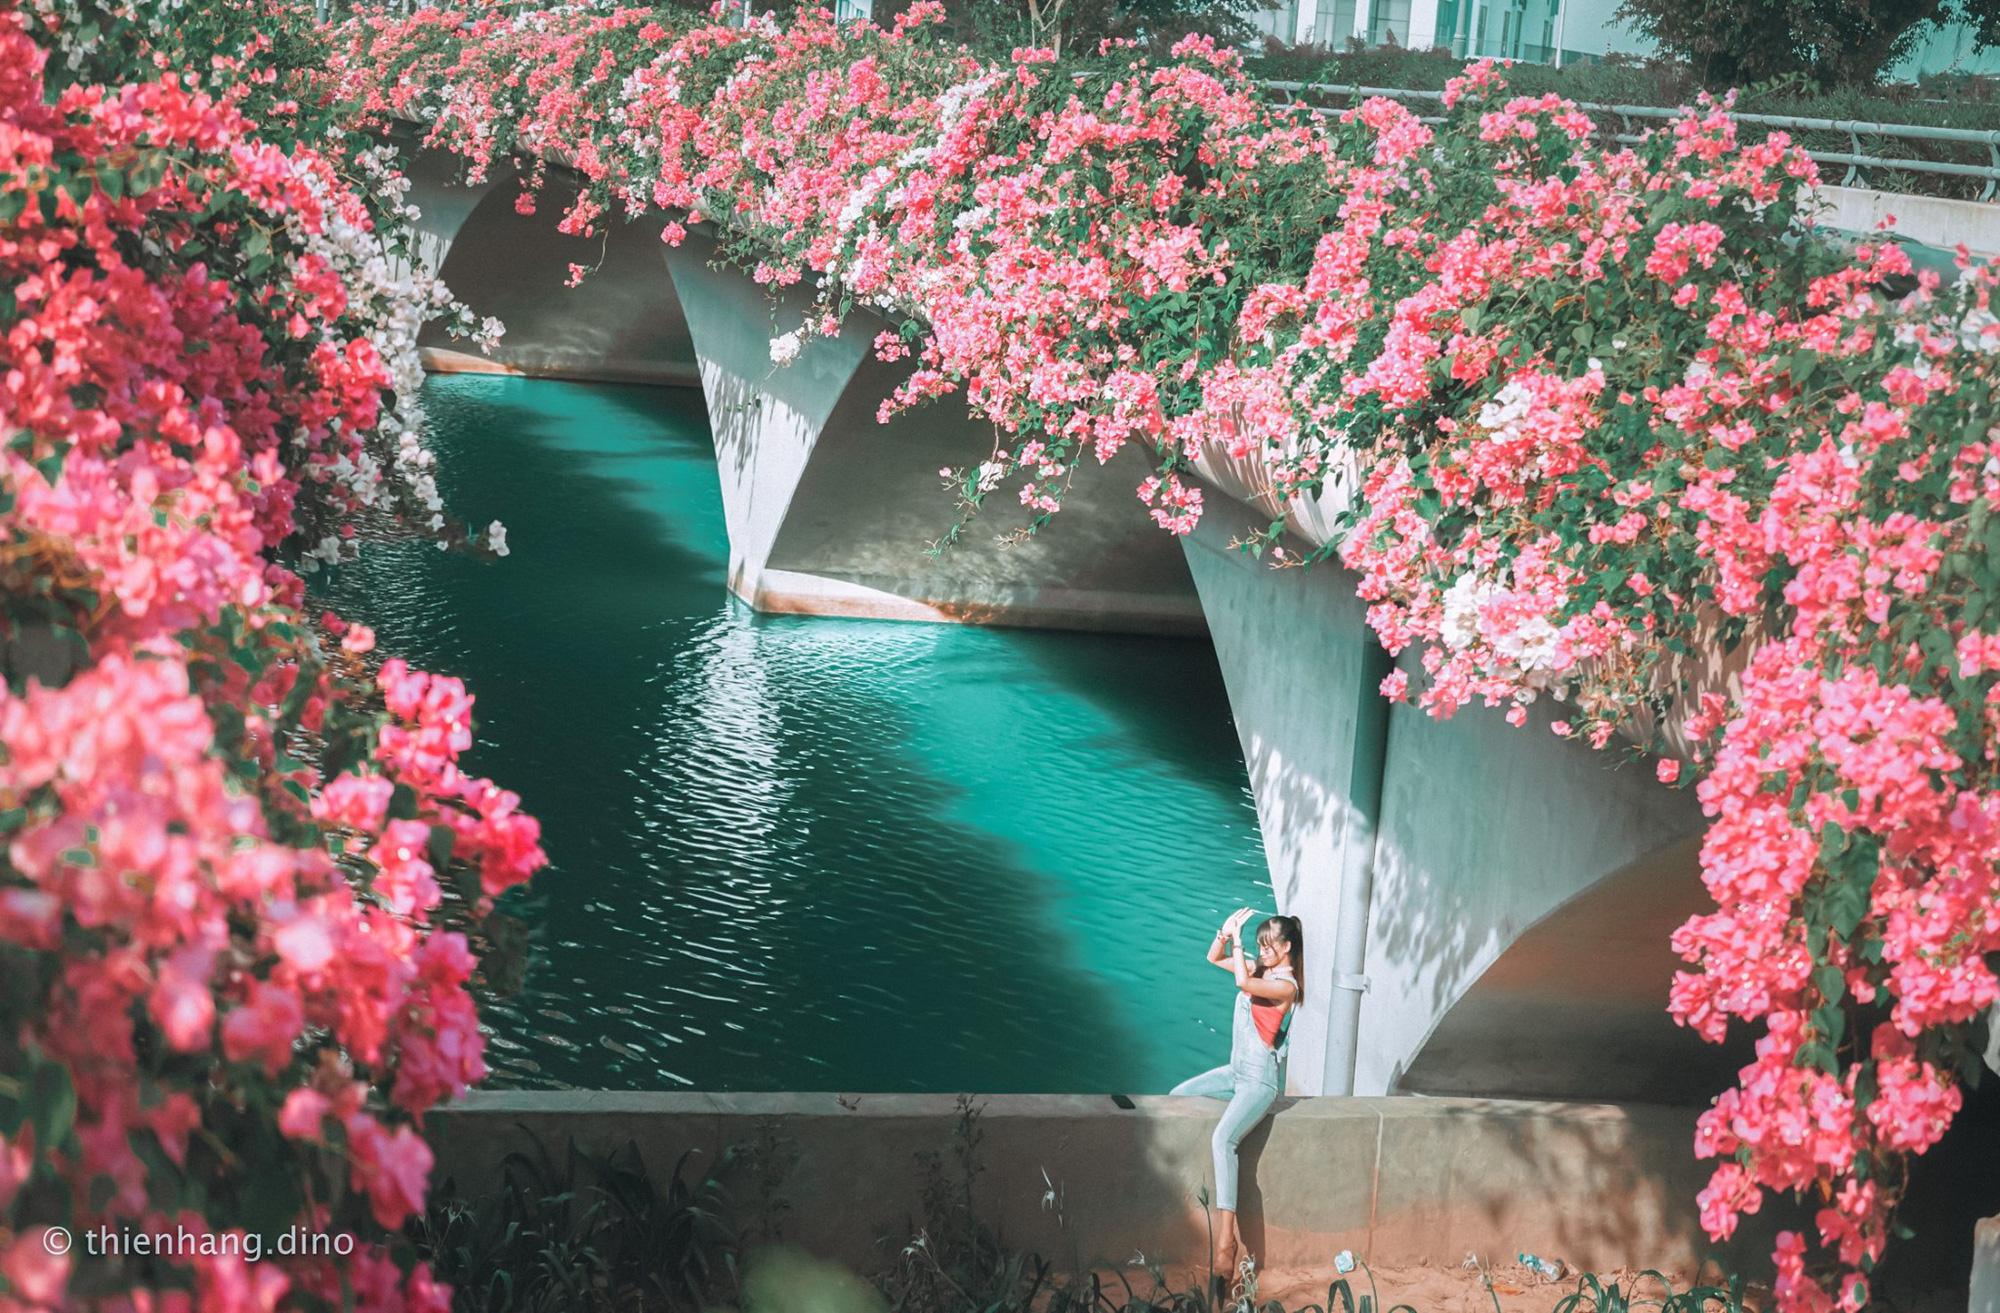 cầu hoa giấy